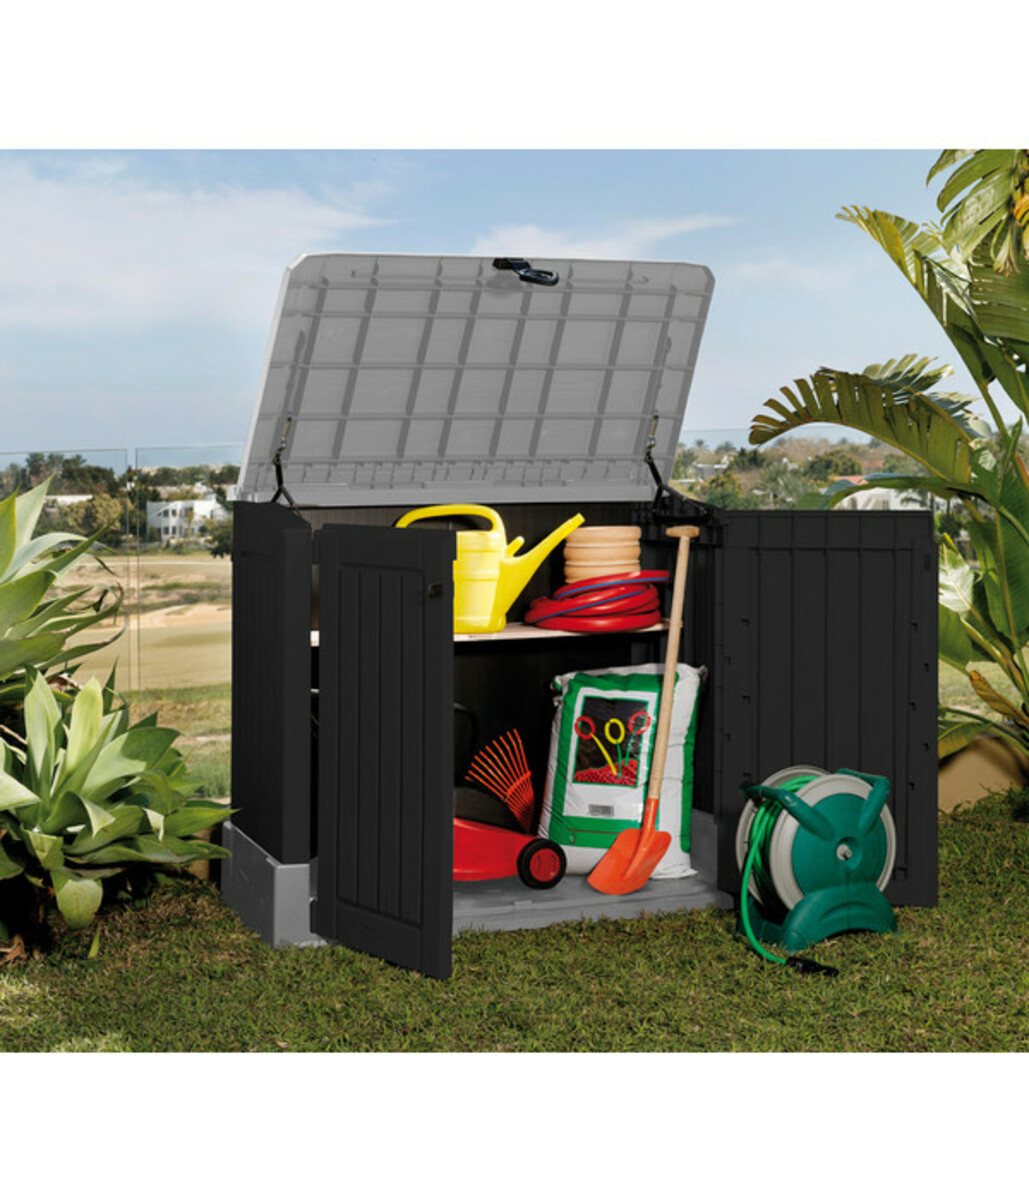 Bild 2 von Keter Aufbewahrungsbox Store It Out Midi 845 Liter